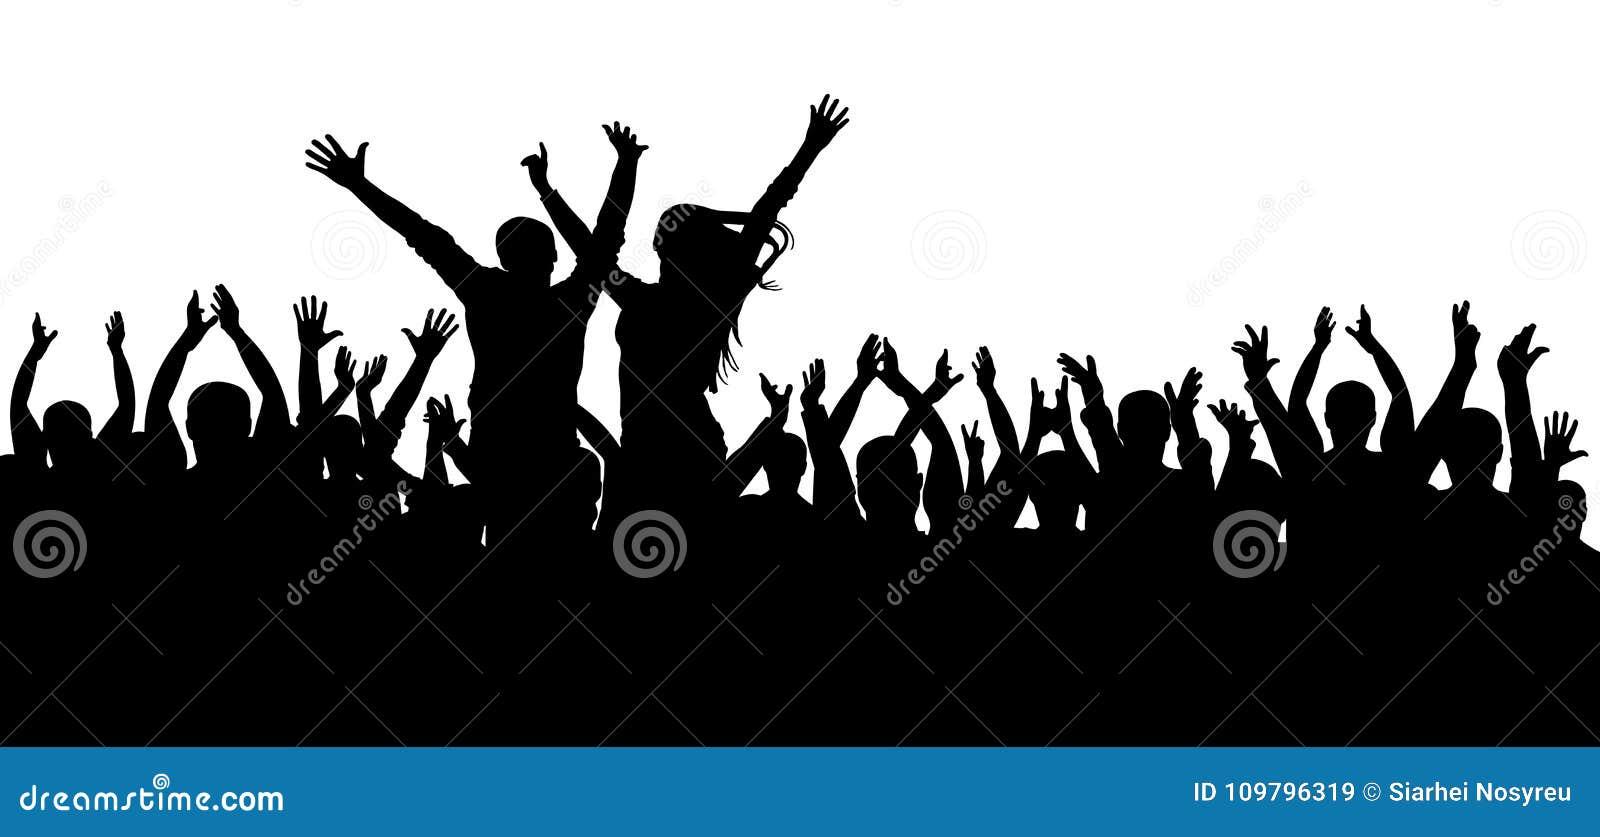 Koncertowa dyskoteka, tanczy tłum sylwetkę, rozochoceni ludzie